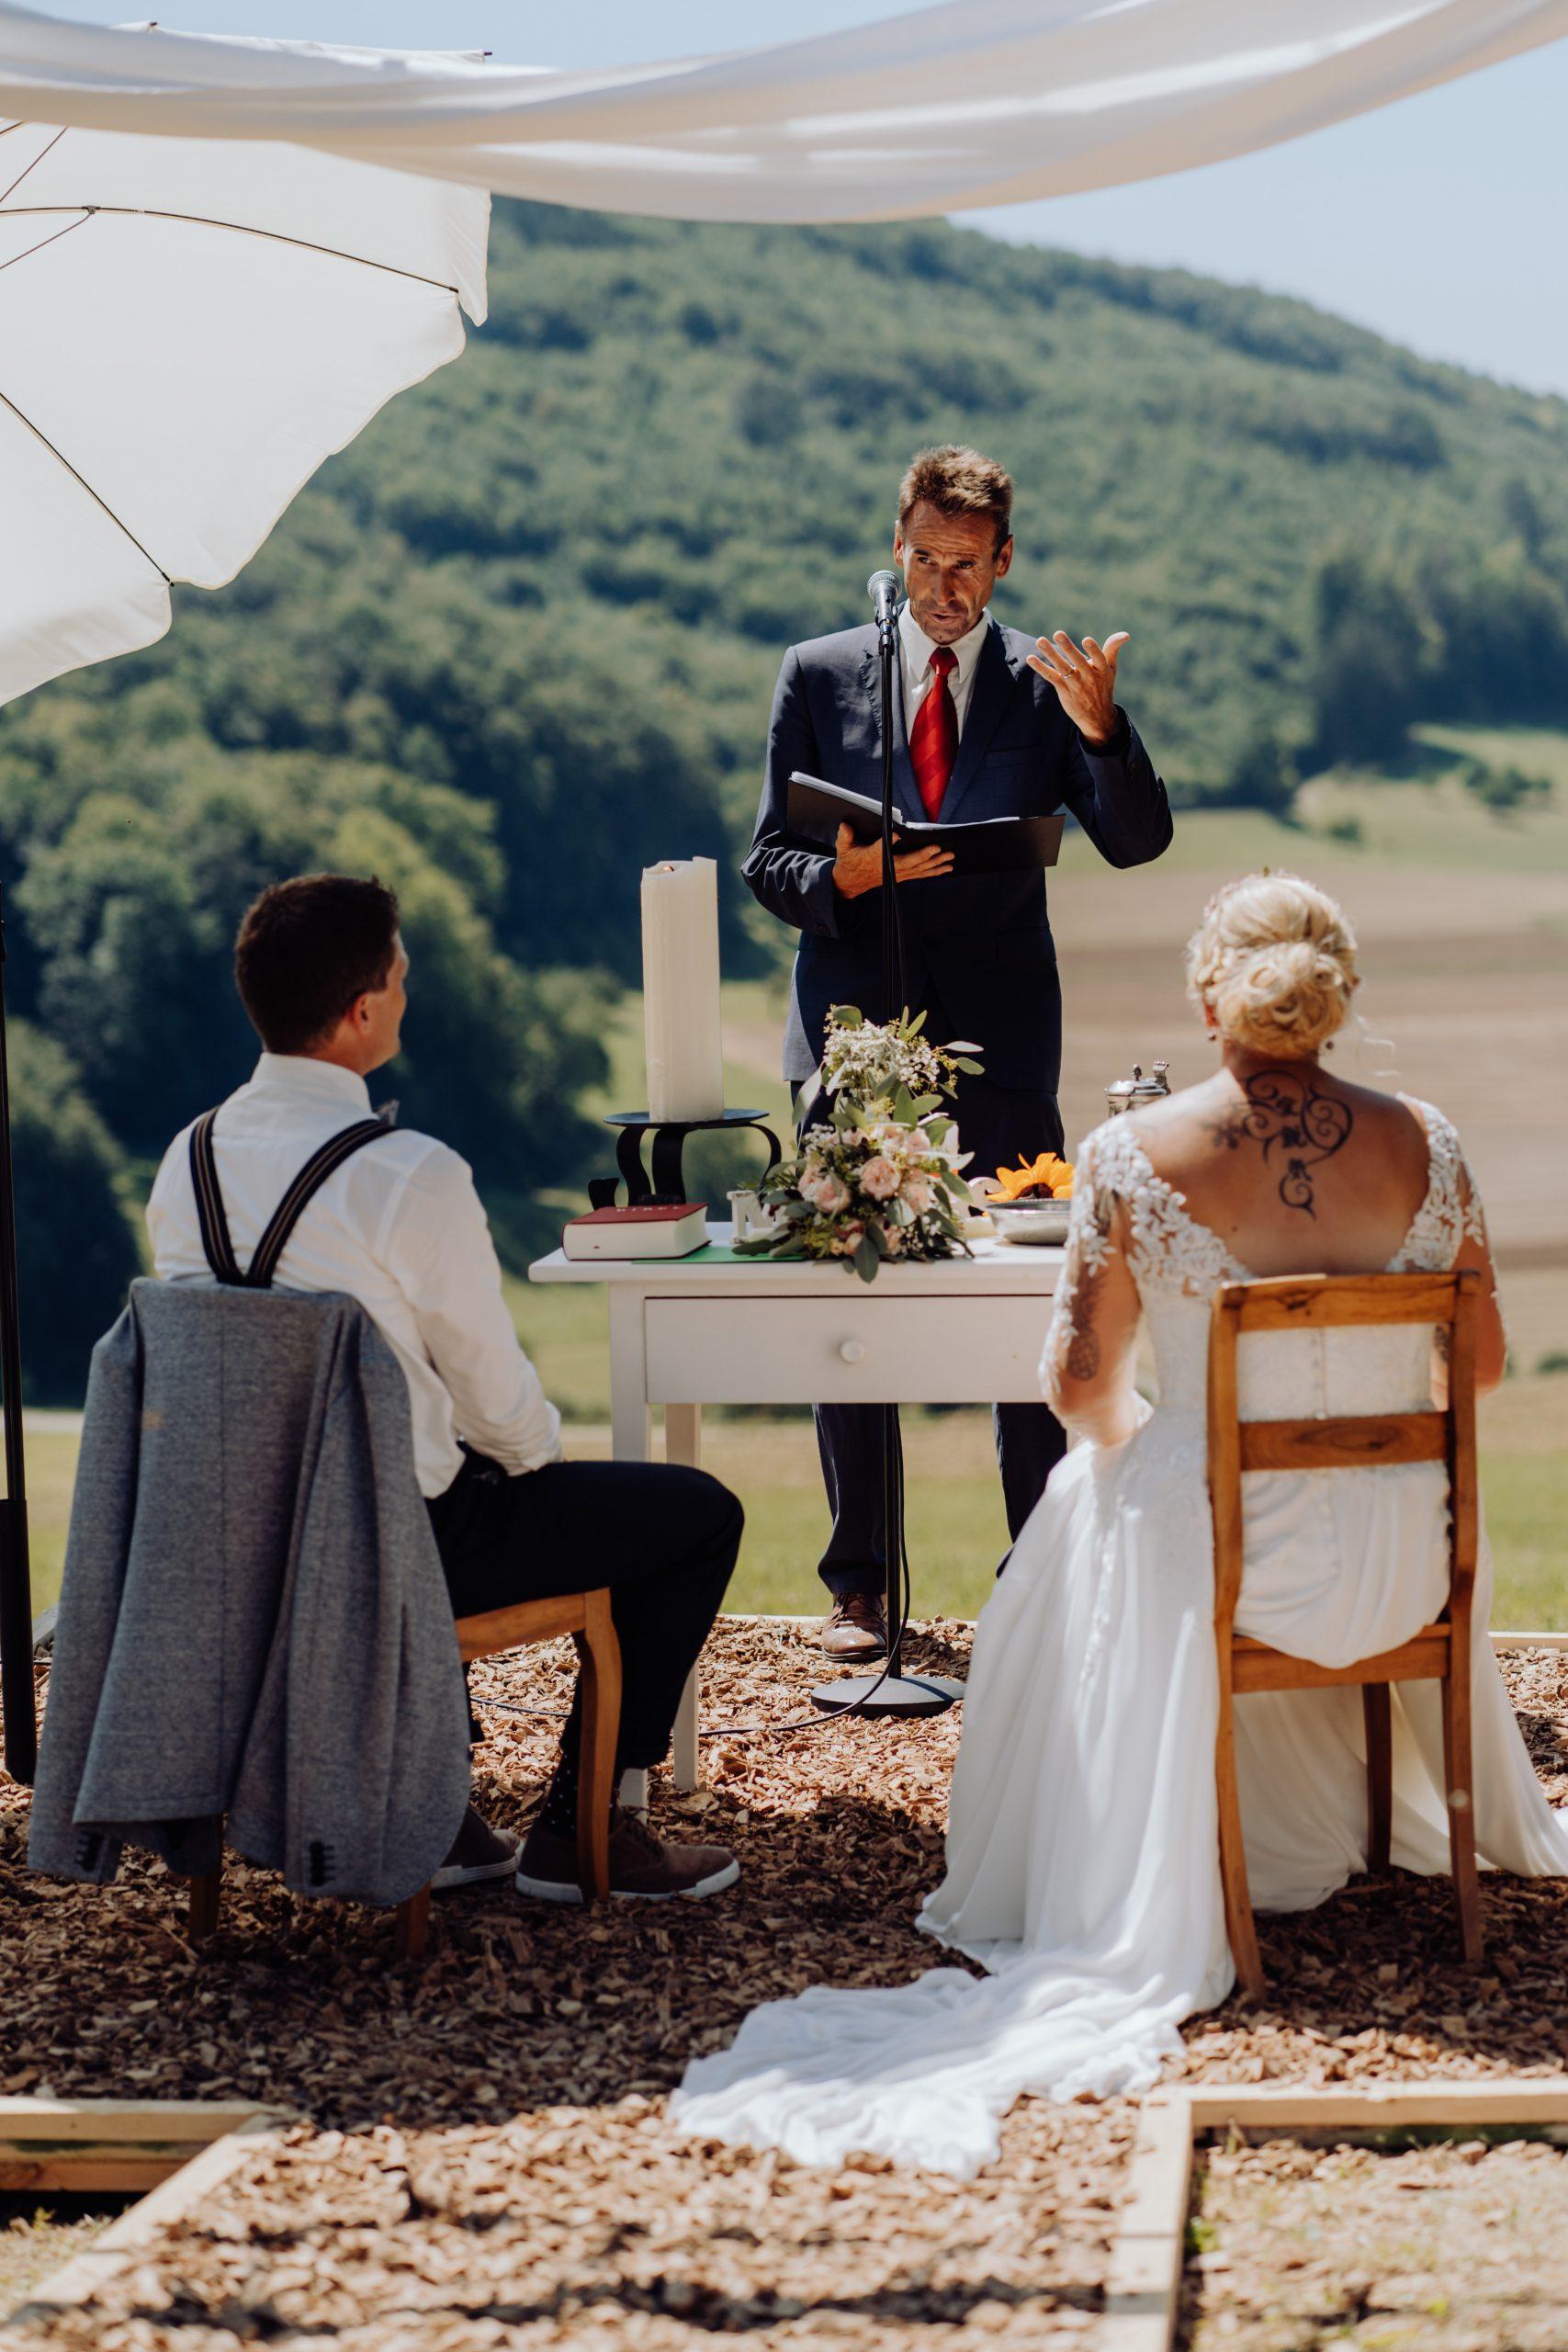 A7209582 scaled - Hochzeit